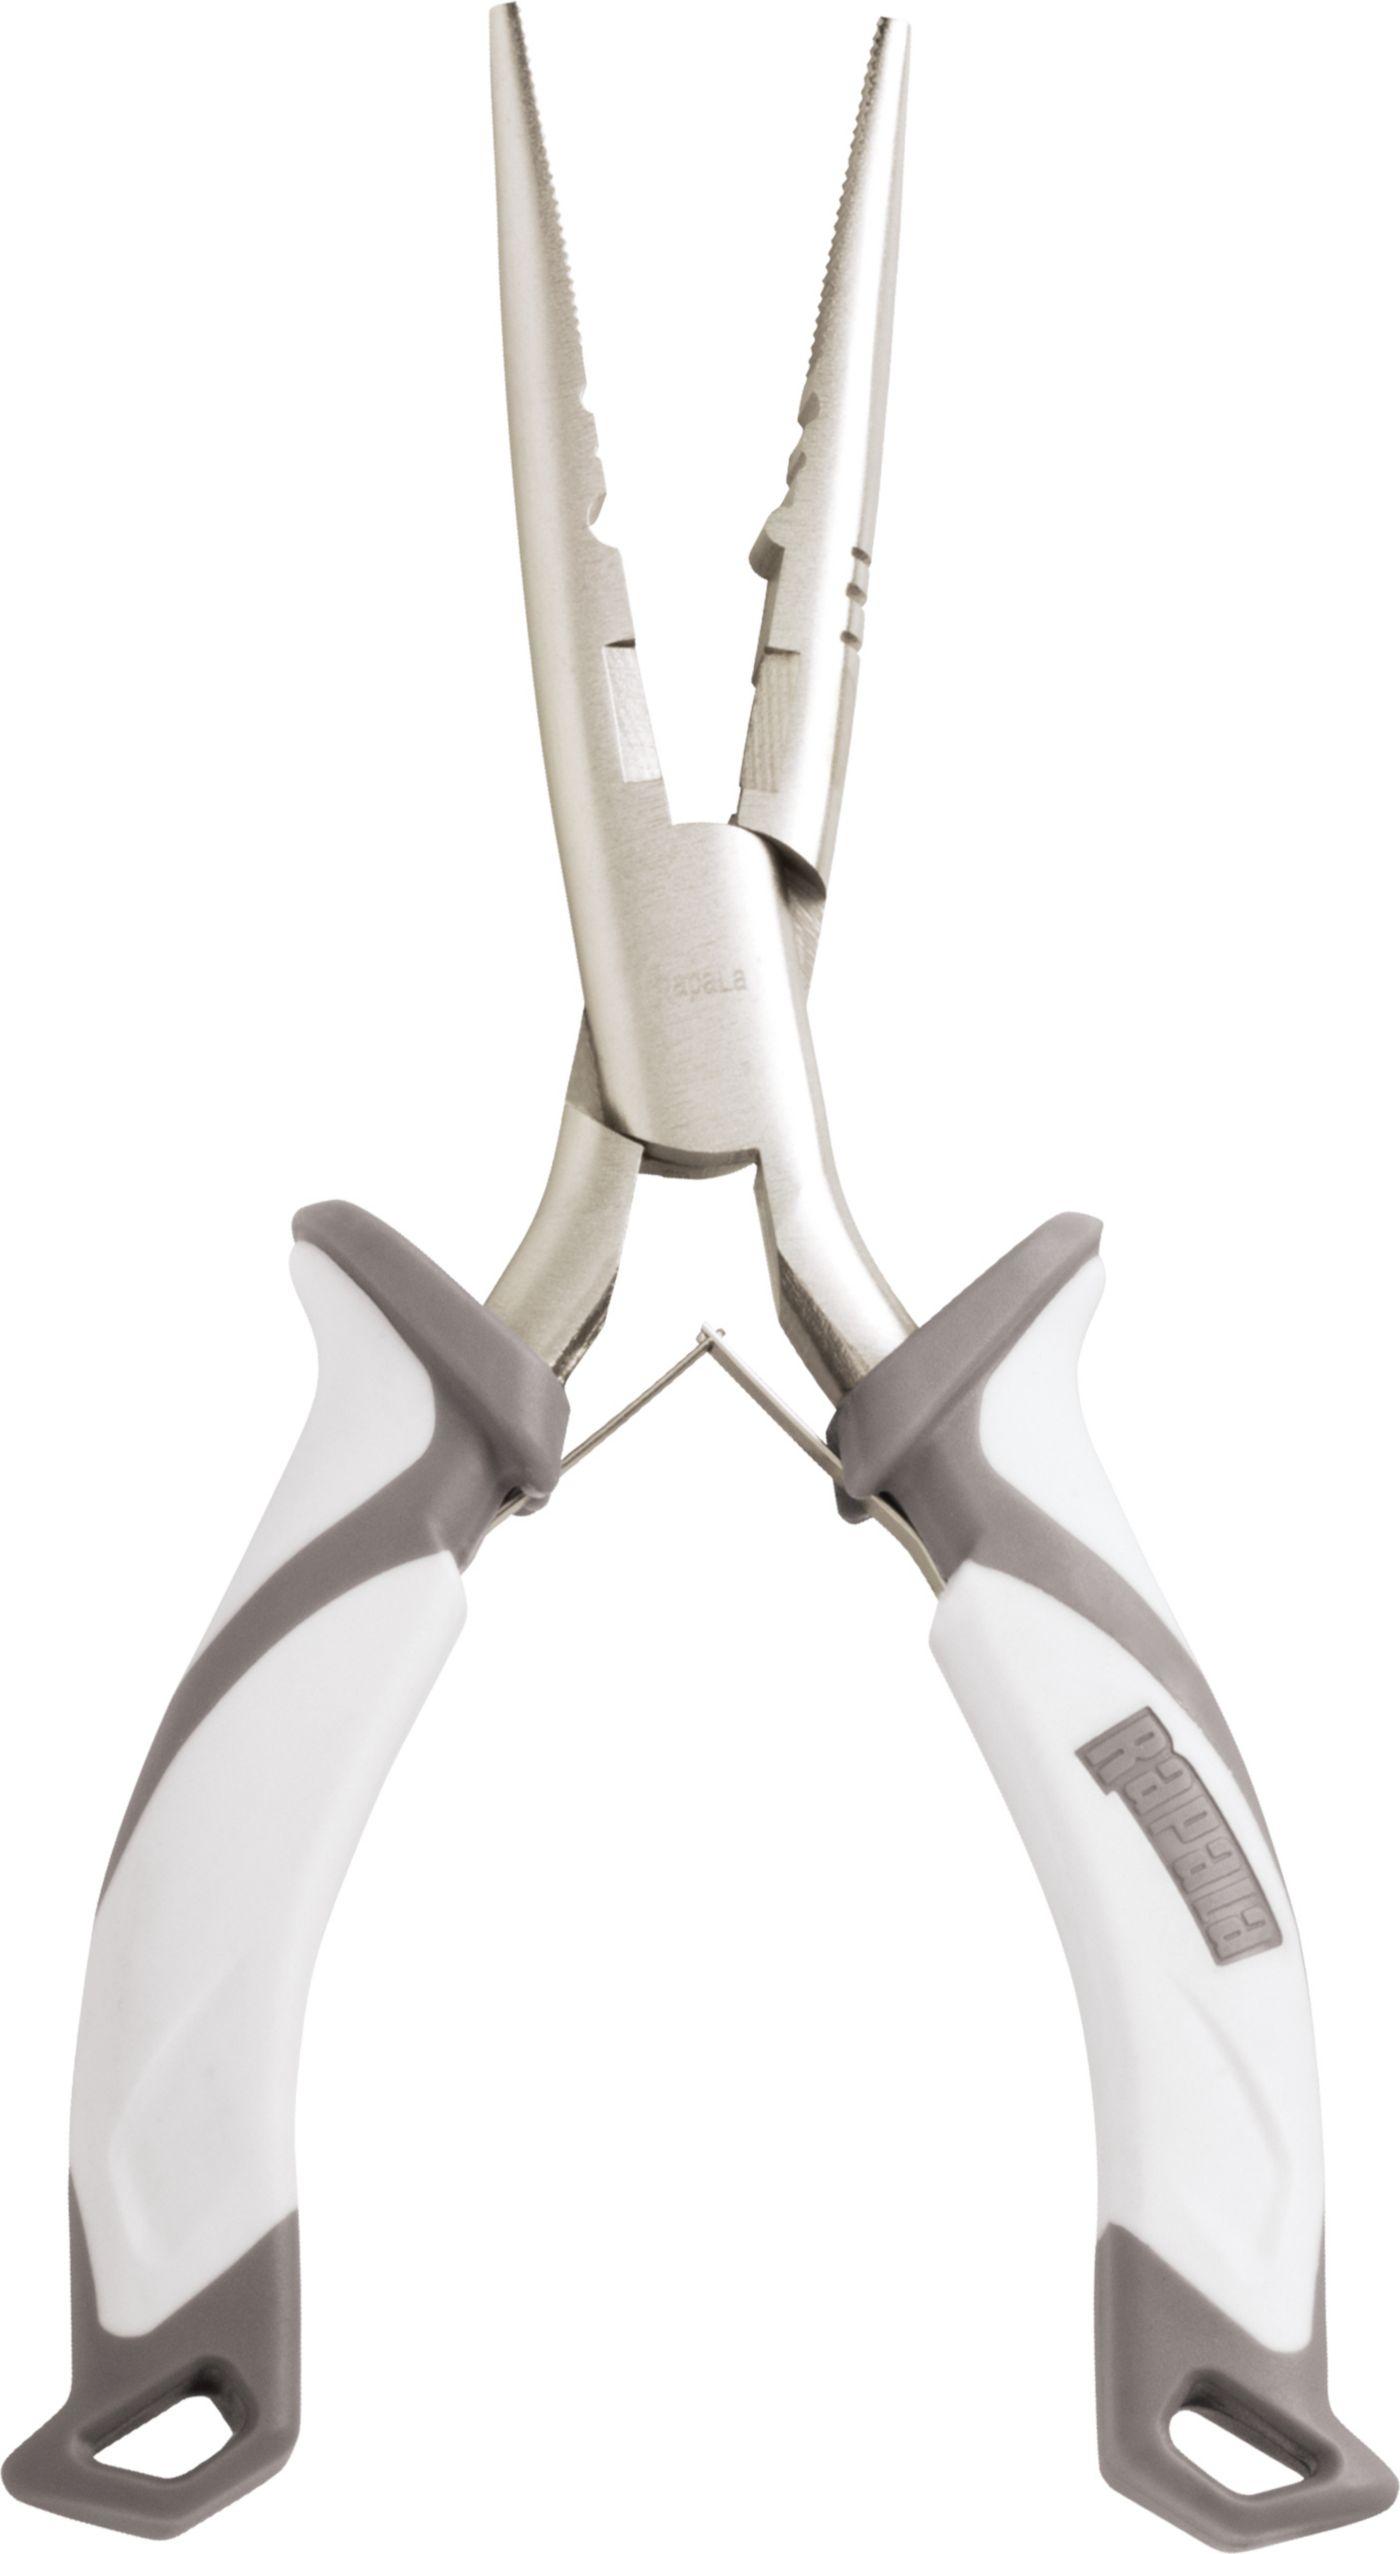 Rapala Angler's Pliers